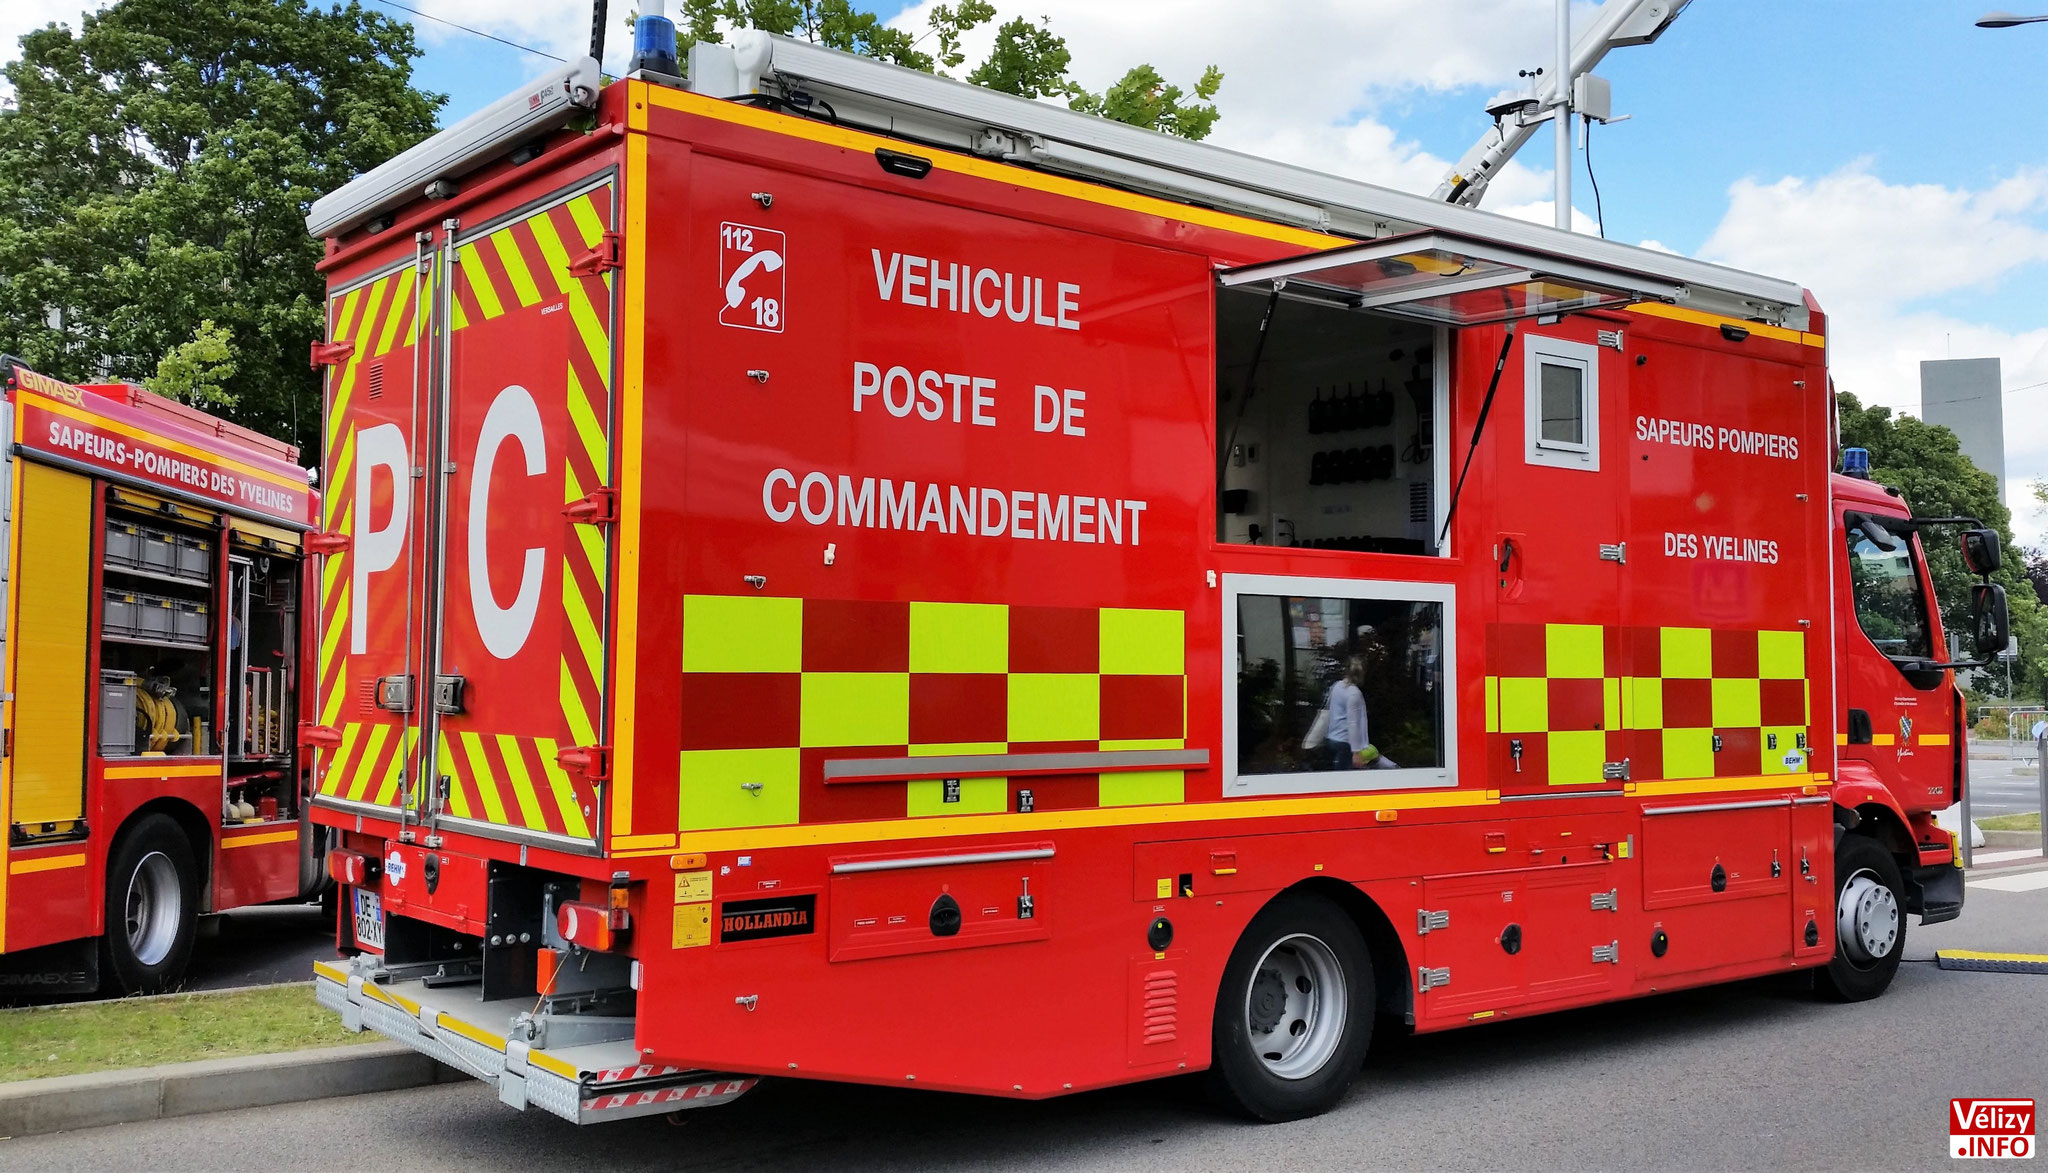 Journée portes ouvertes, 15 juin 2019, Centre d'Incendie et de Secours de Vélizy-Villacoublay.